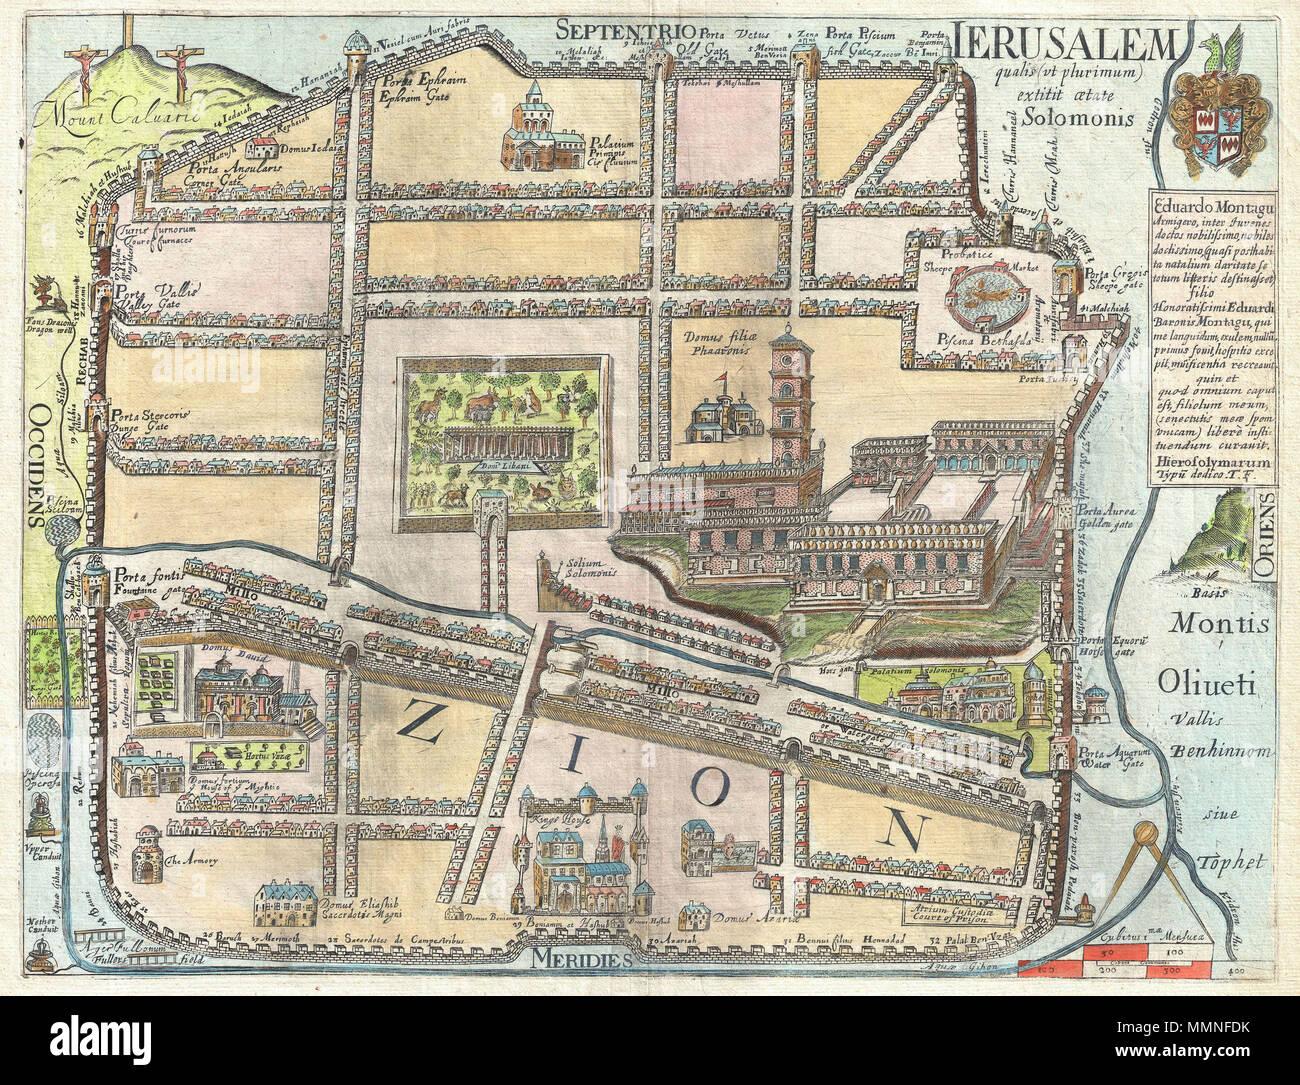 Jerusalem Karte Heute.Englisch Eine Ausserst Seltene Und Faszinierende Insgesamt